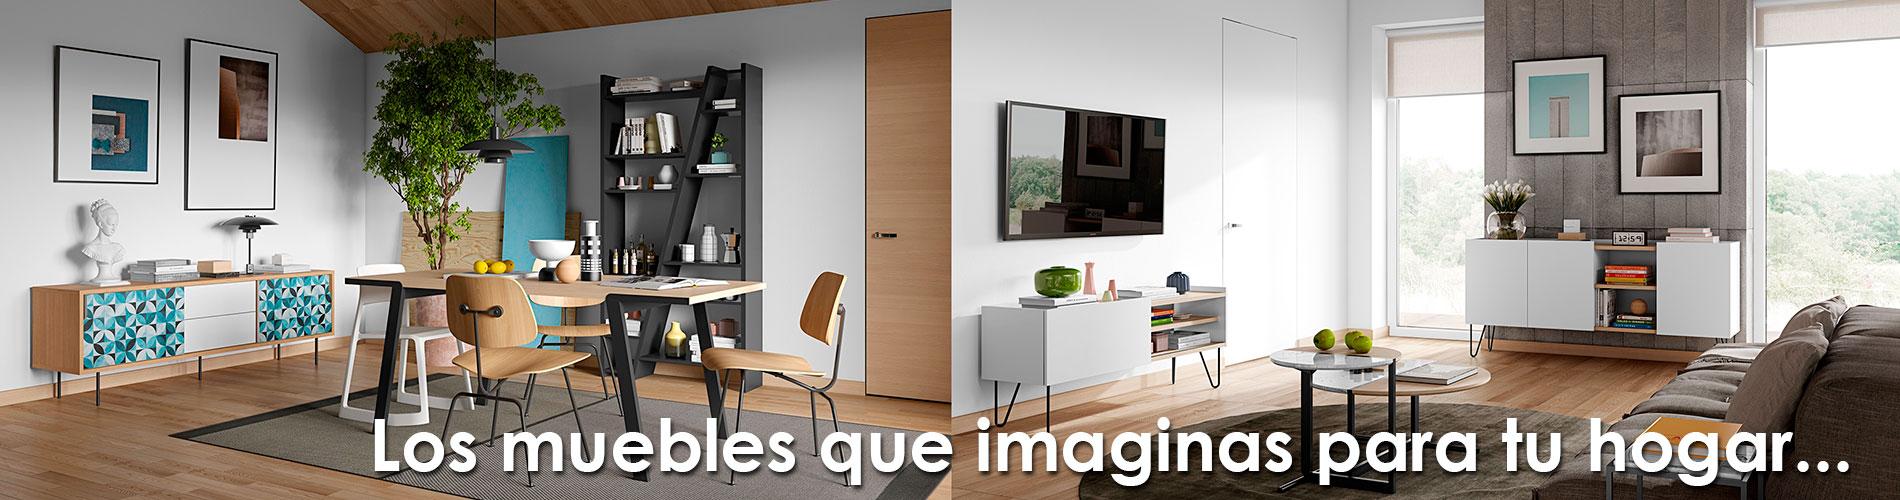 DECCOSHOP Muebles para tu hogar